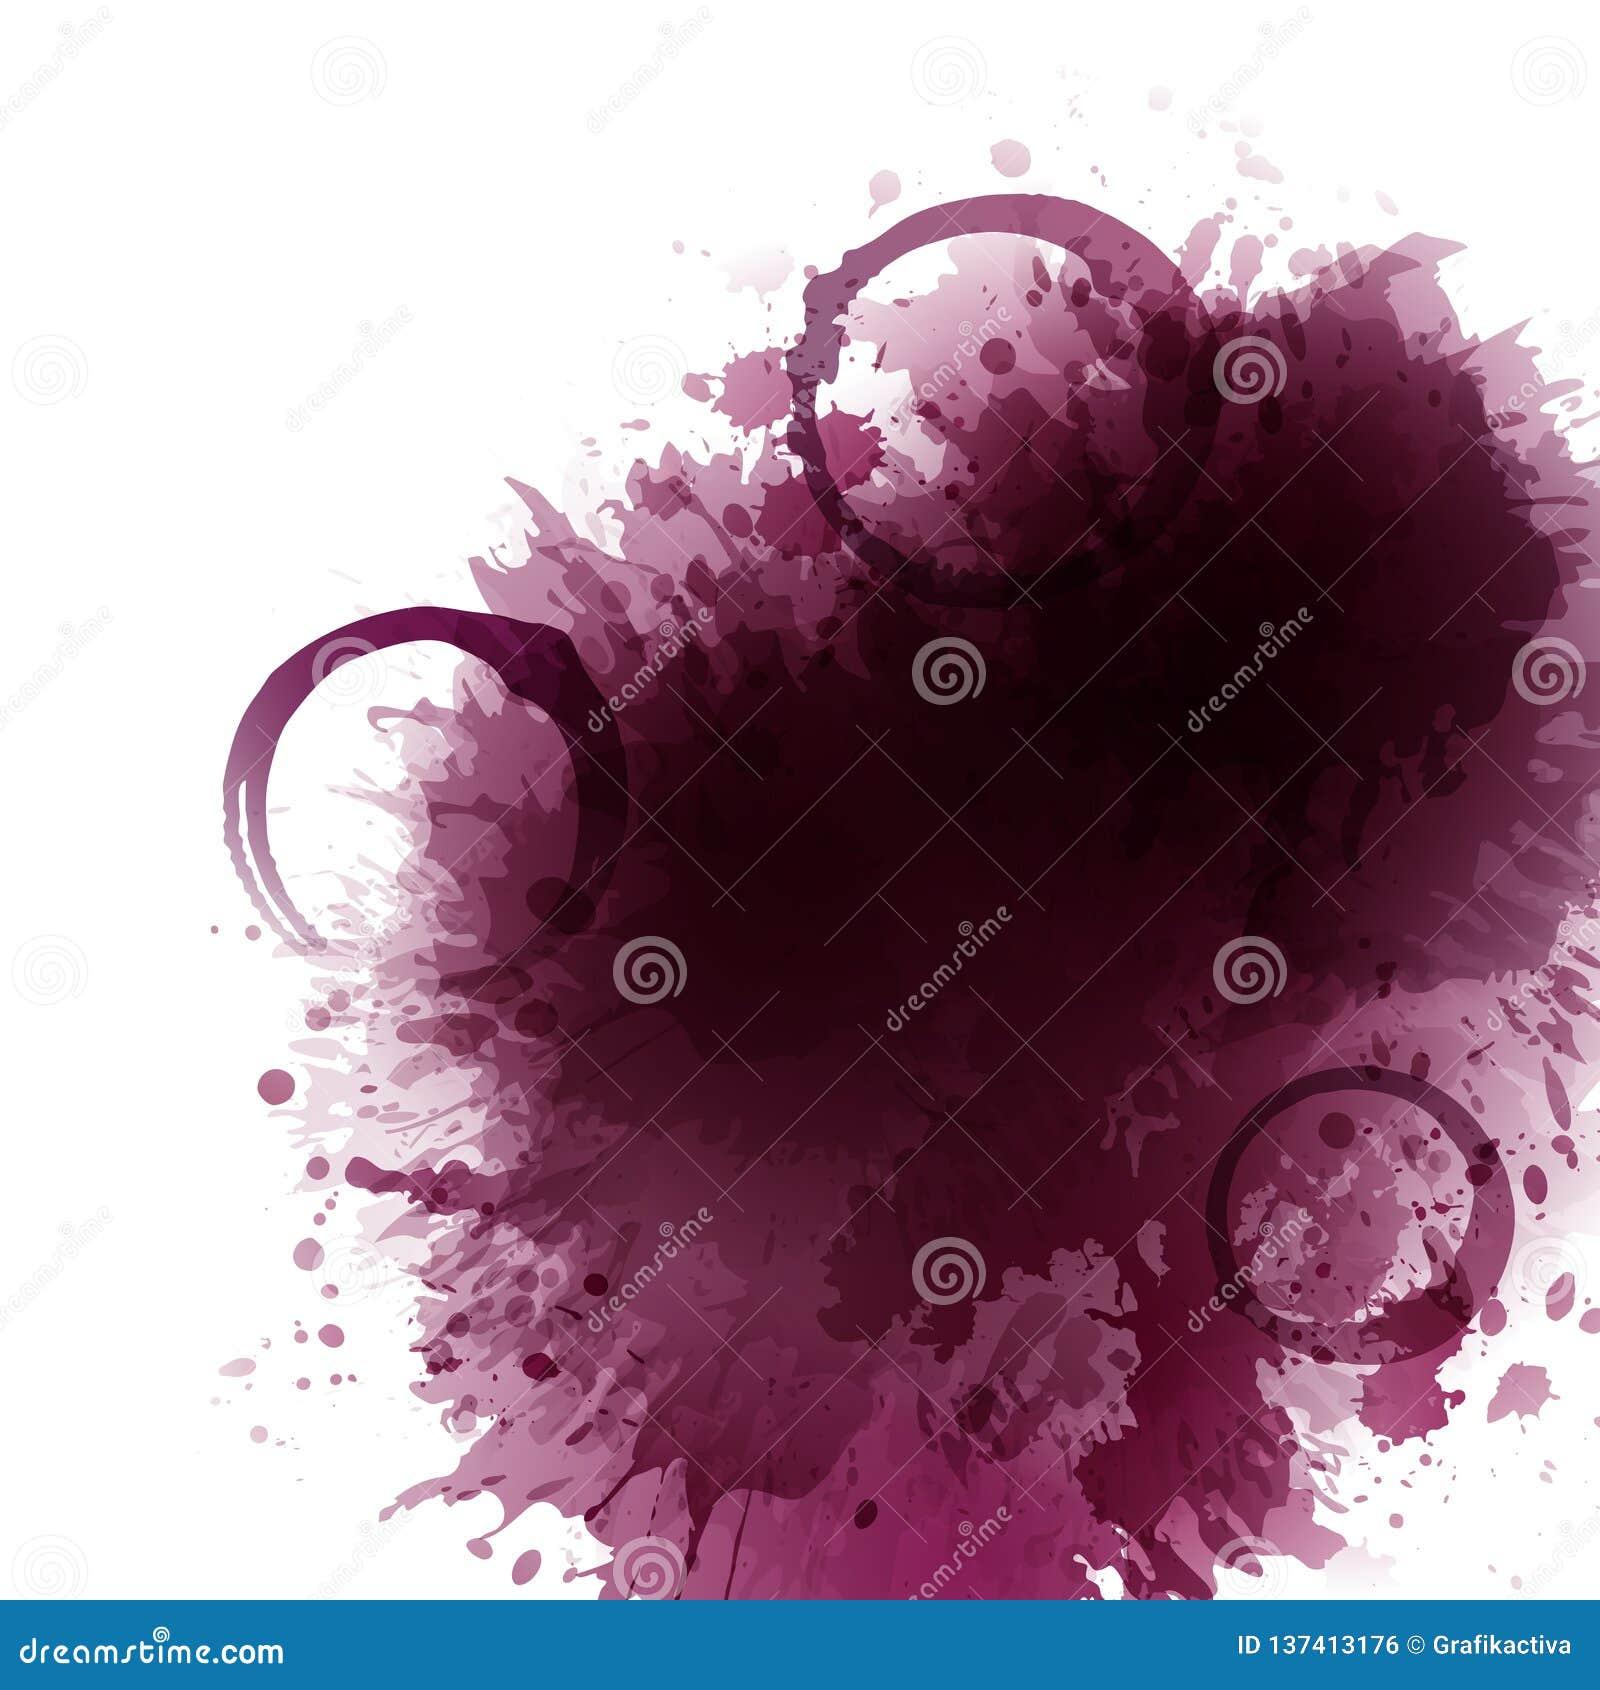 Hintergrund mit Weinflecken, Stellen, Rotwein der Tropfen Weinglasflecke Hintergrund für Fahnen und fördernde Plakate